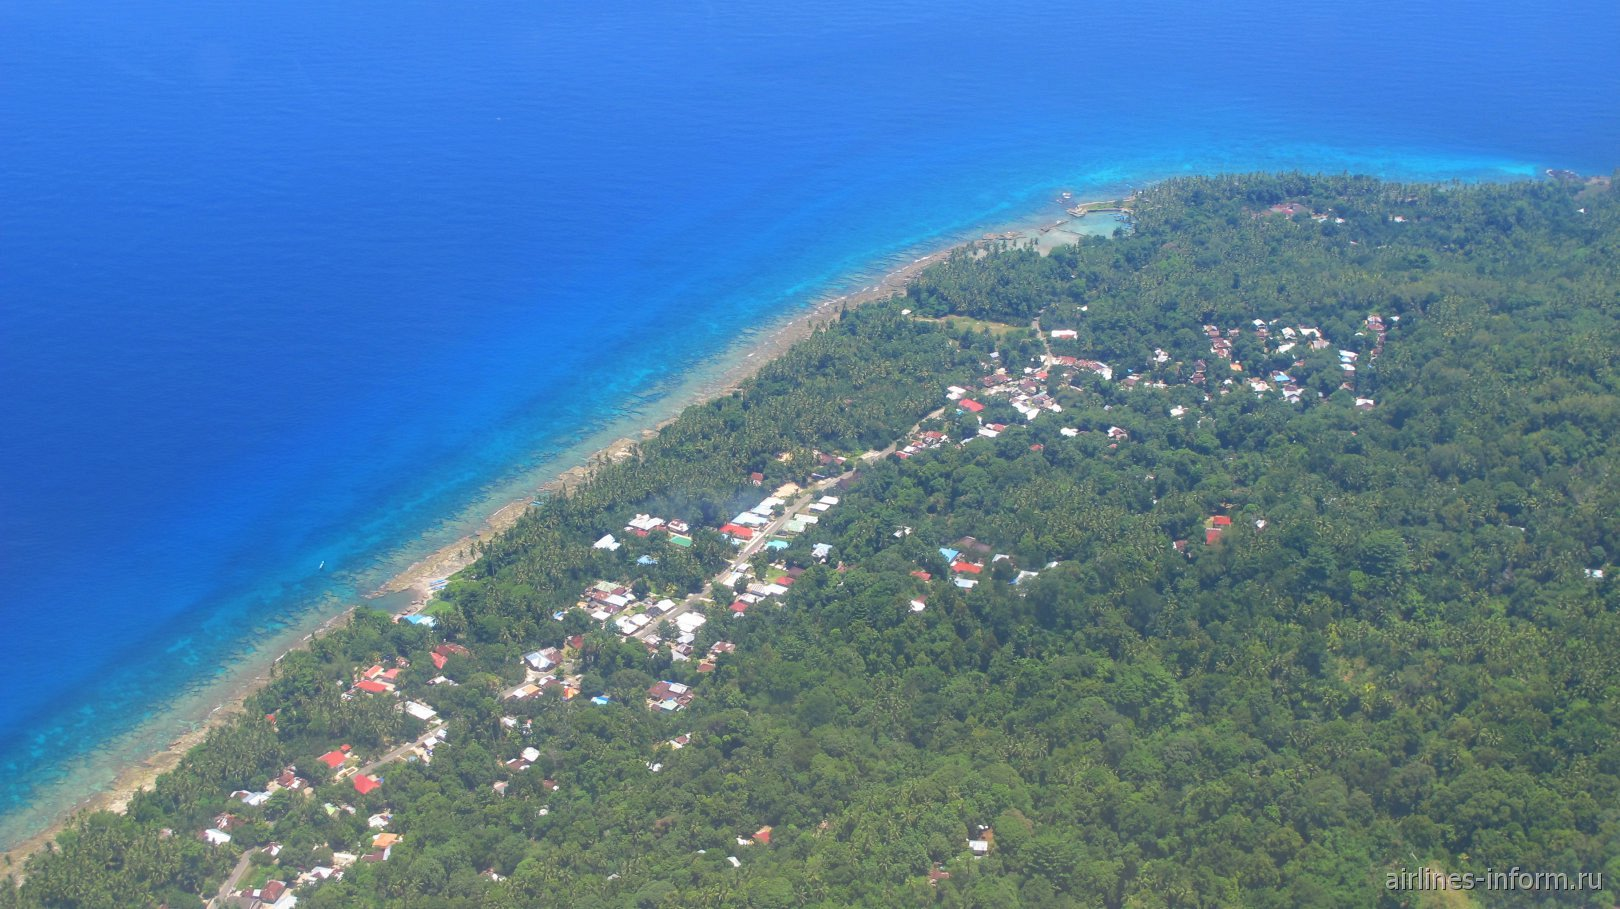 Деревня на острове Амбон в Индонезии